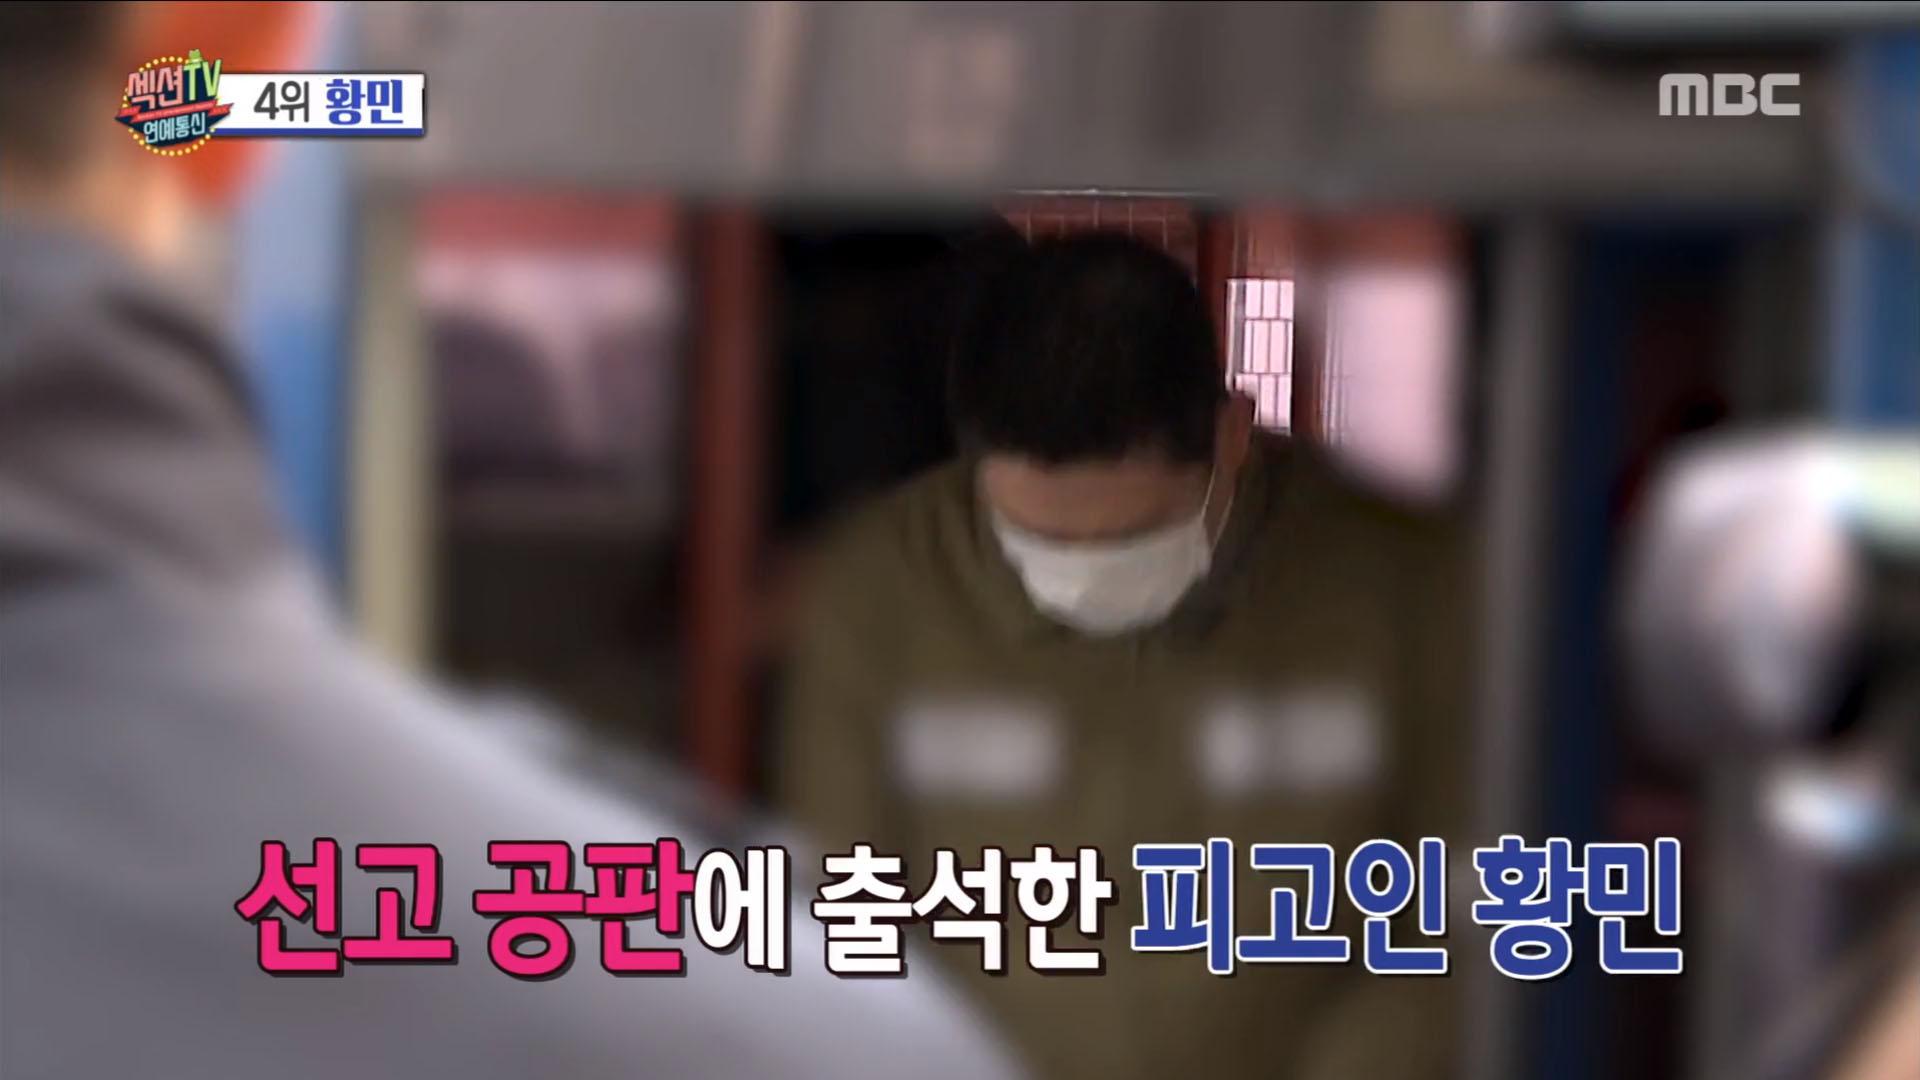 '섹션TV 연예통신' 음주운전 사고 황민, 징역 4년 6월 실형 선고